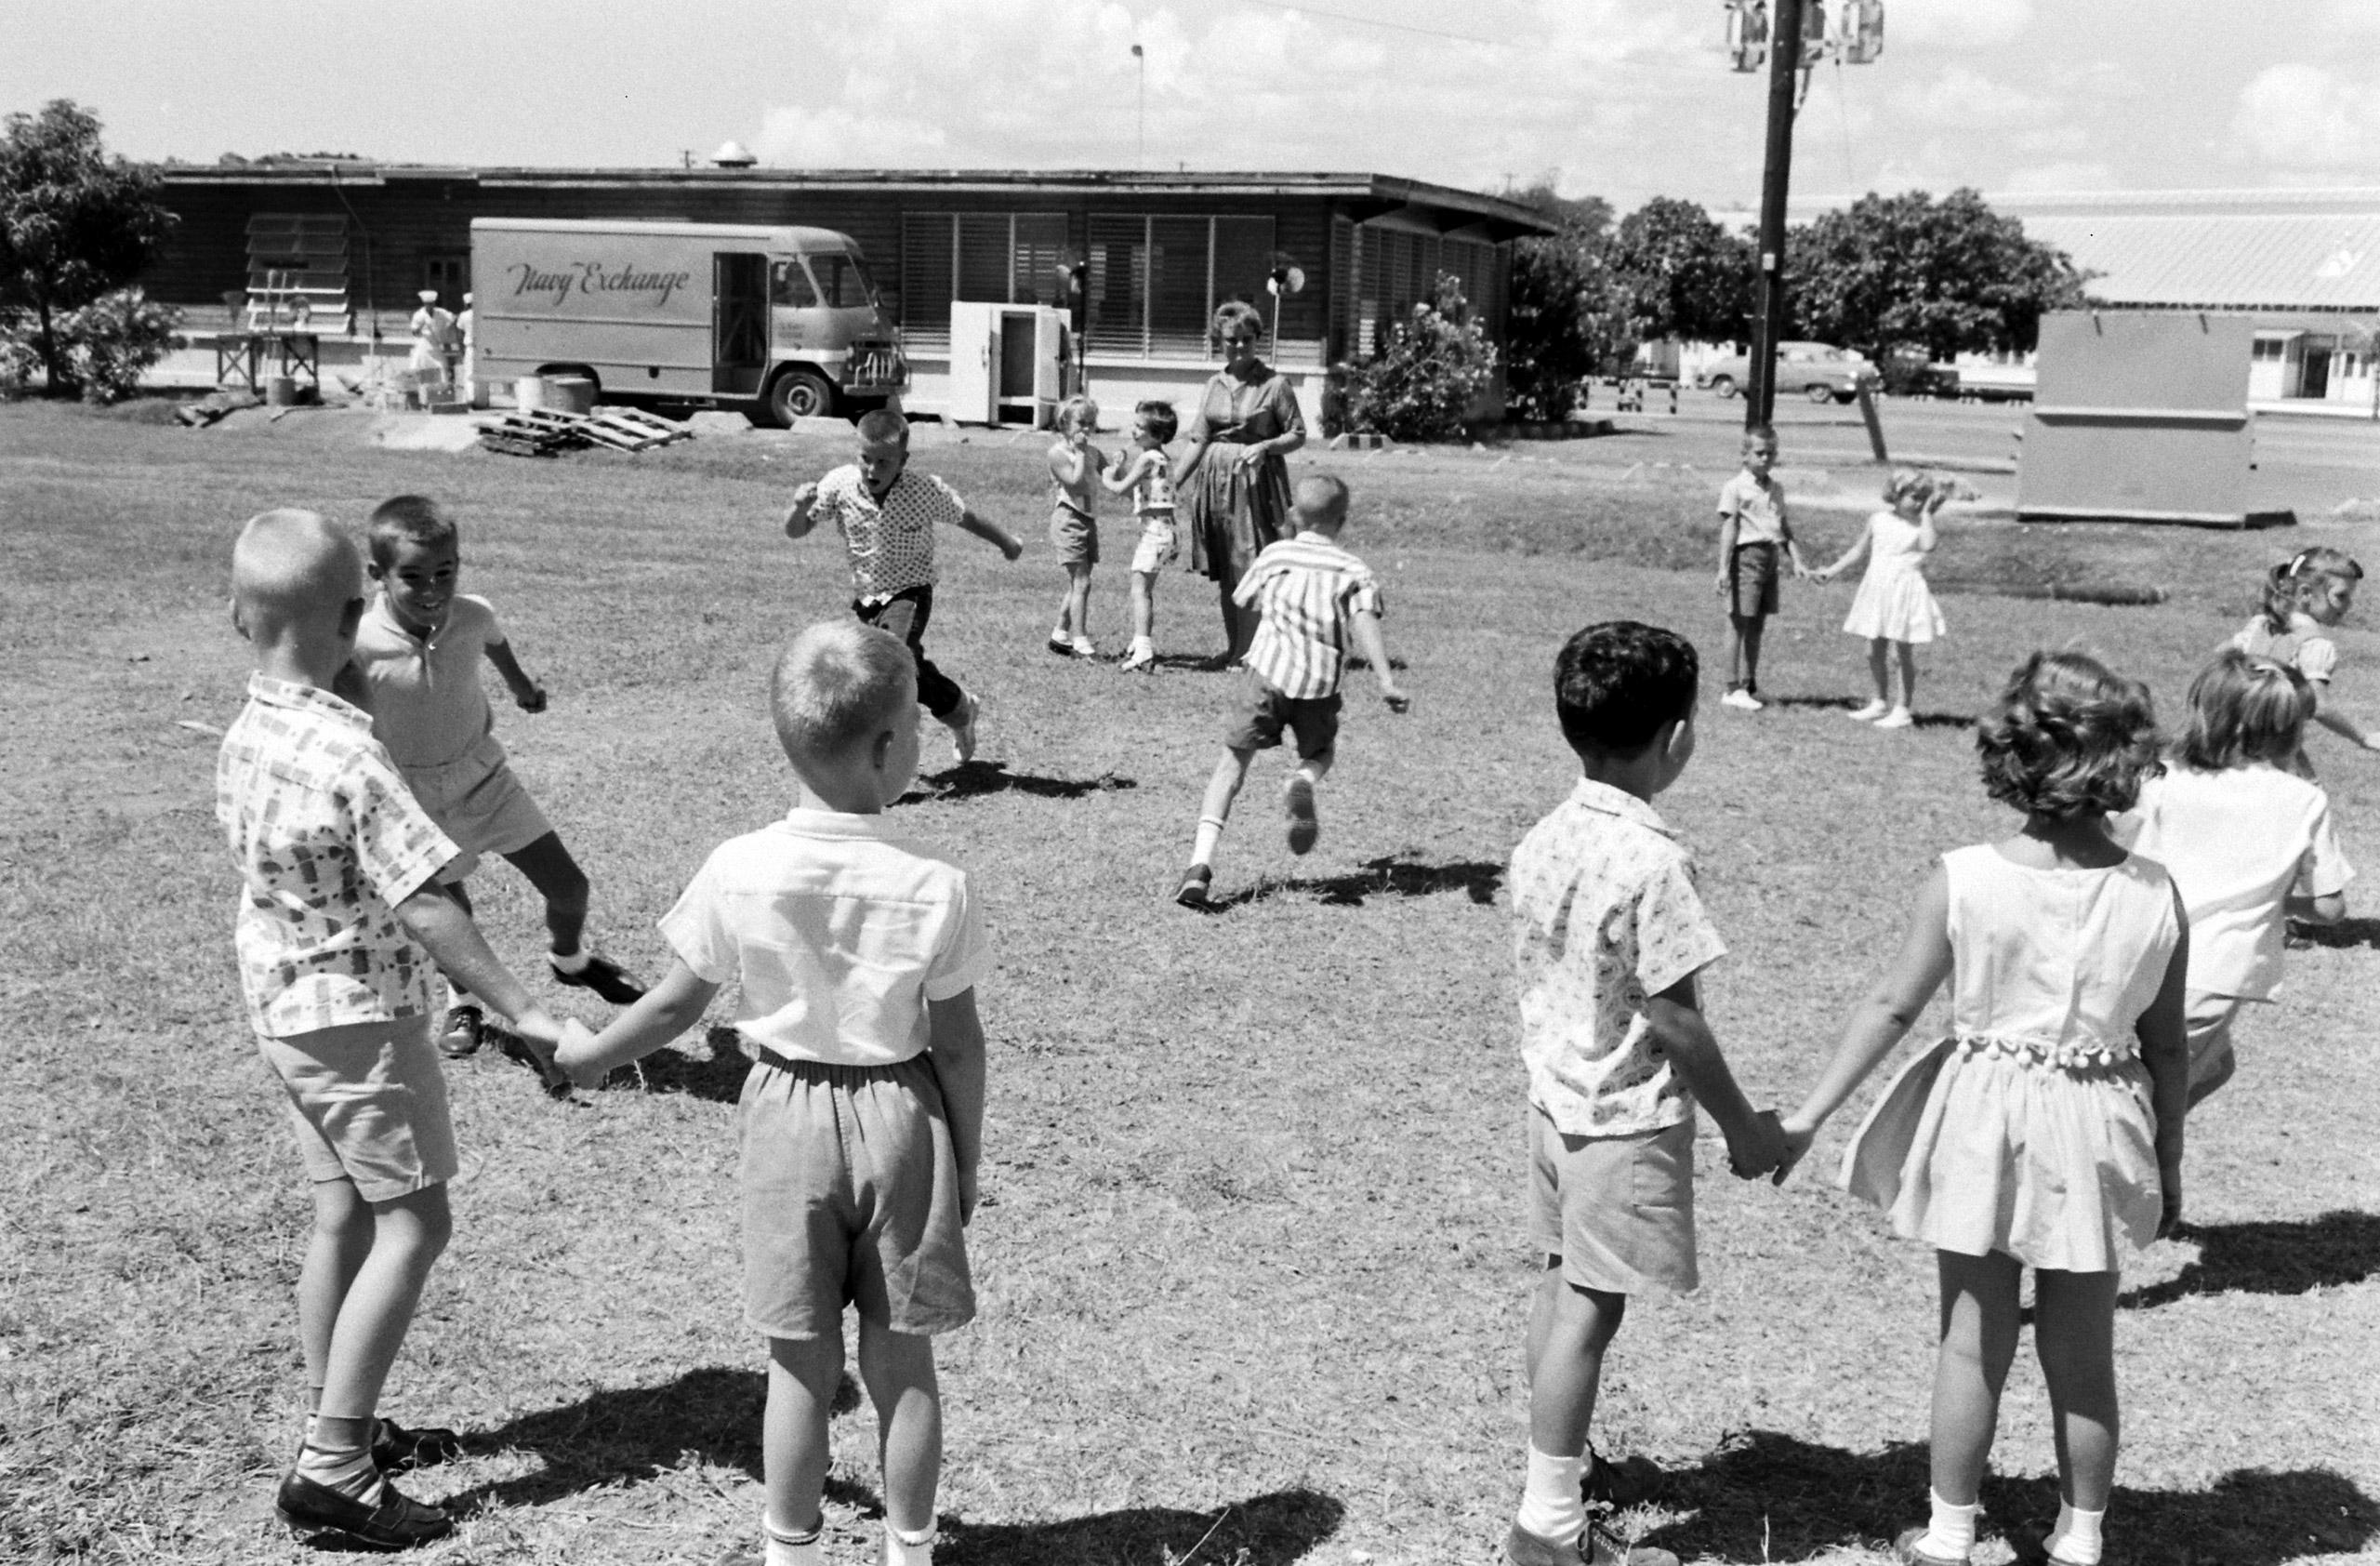 Kids in Guantanamo Base school, Guantanamo Bay, Cuba, 1962.